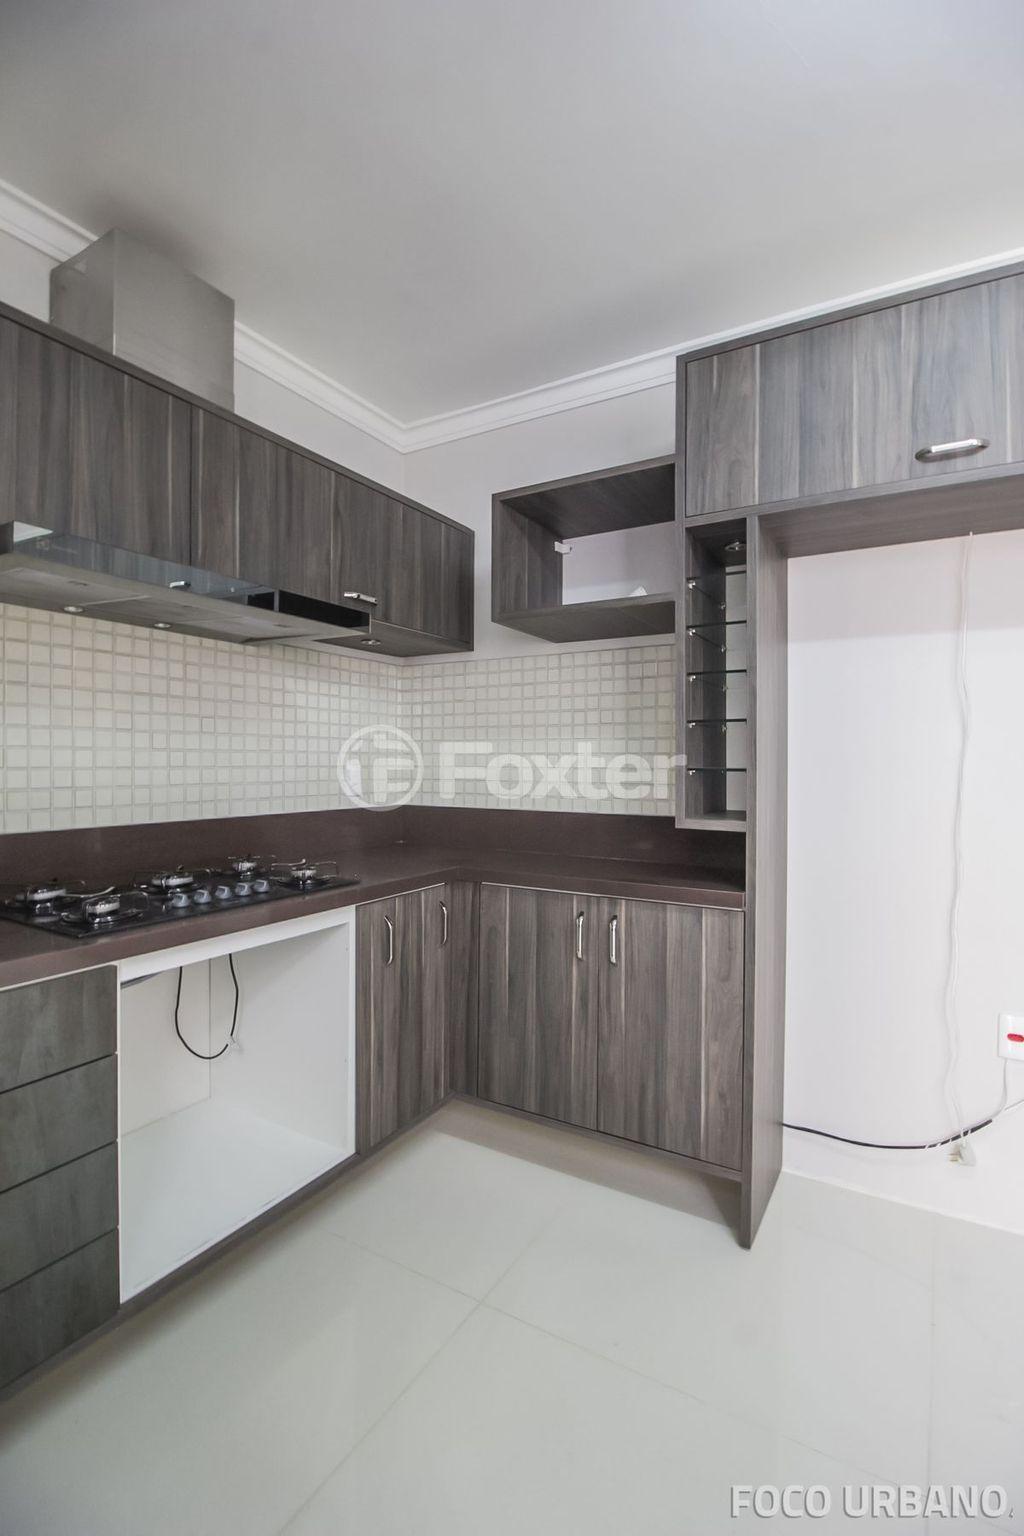 Apto 3 Dorm, Santa Maria Goretti, Porto Alegre (136755) - Foto 15